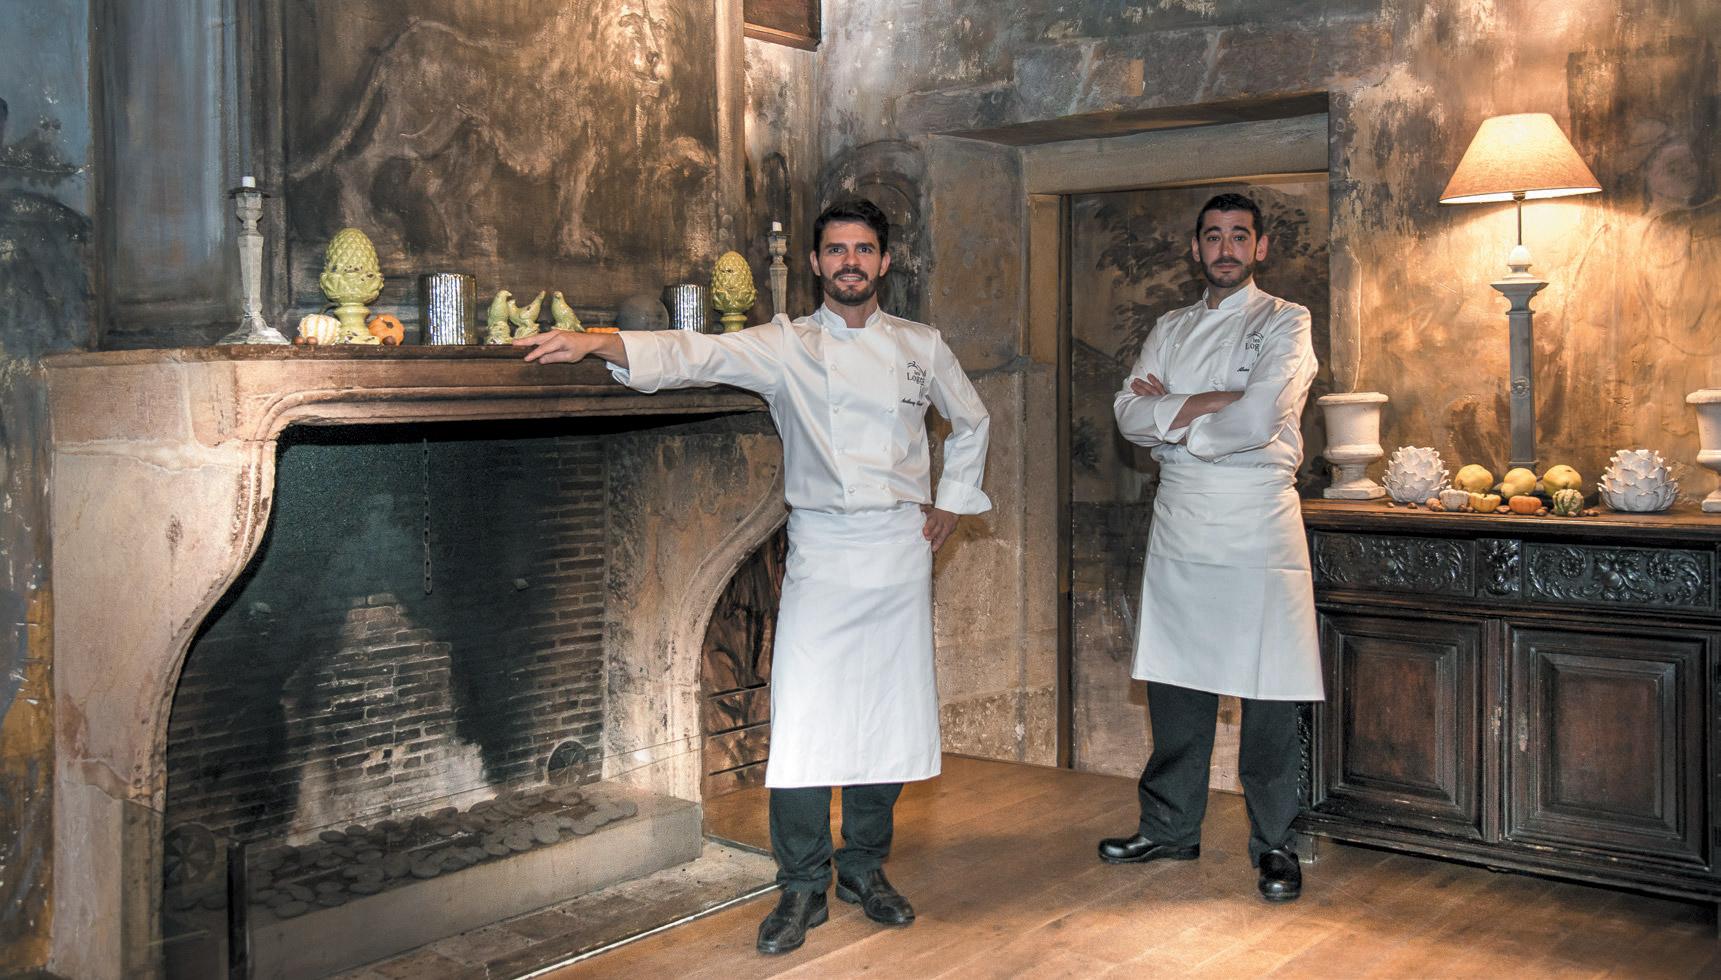 Restaurant Cour des Loges - Anthony Bonnet